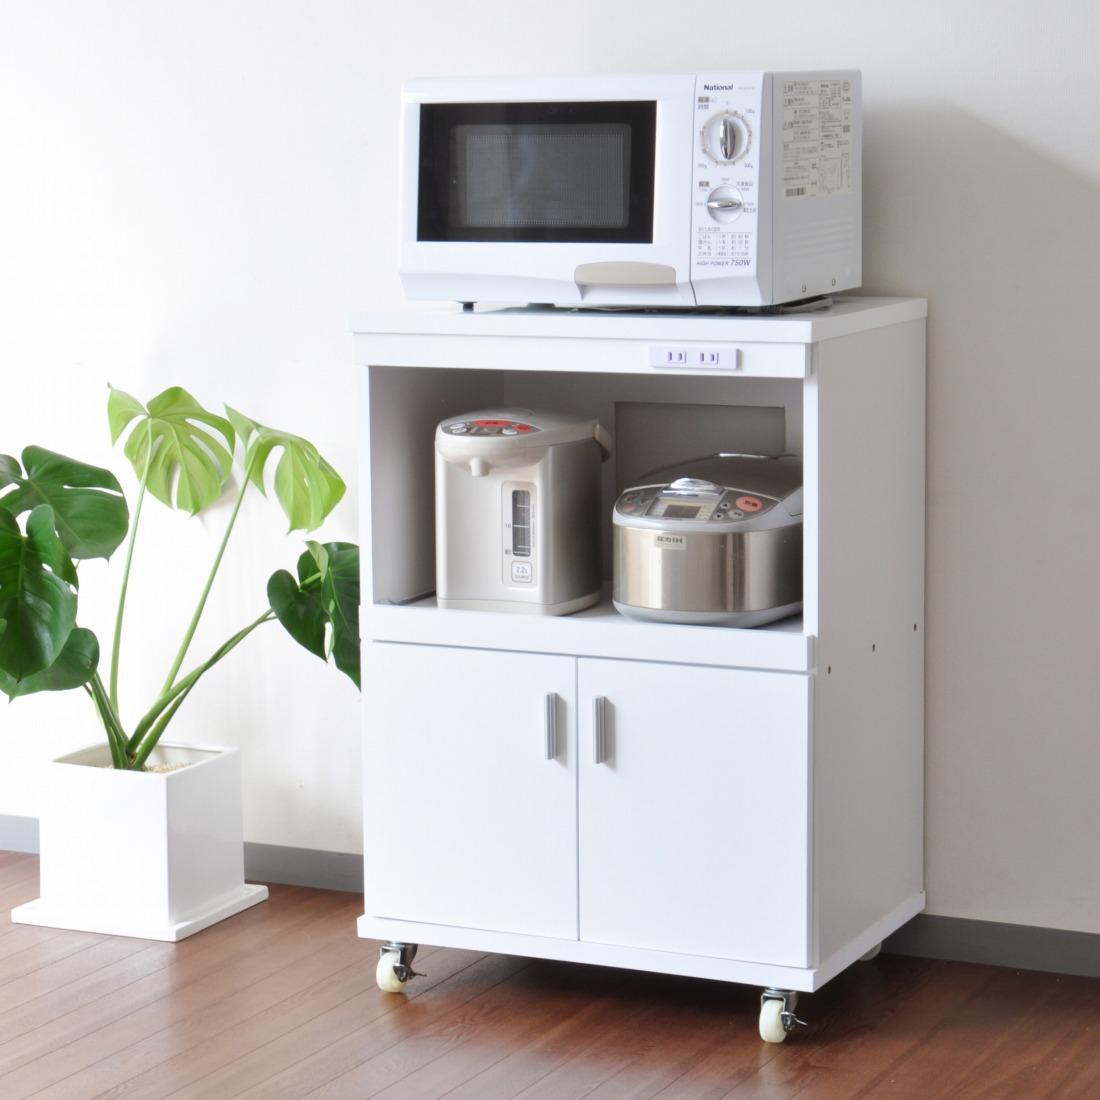 キッチンキャビネット ルミナーレ HN-9060RE(代引き不可)